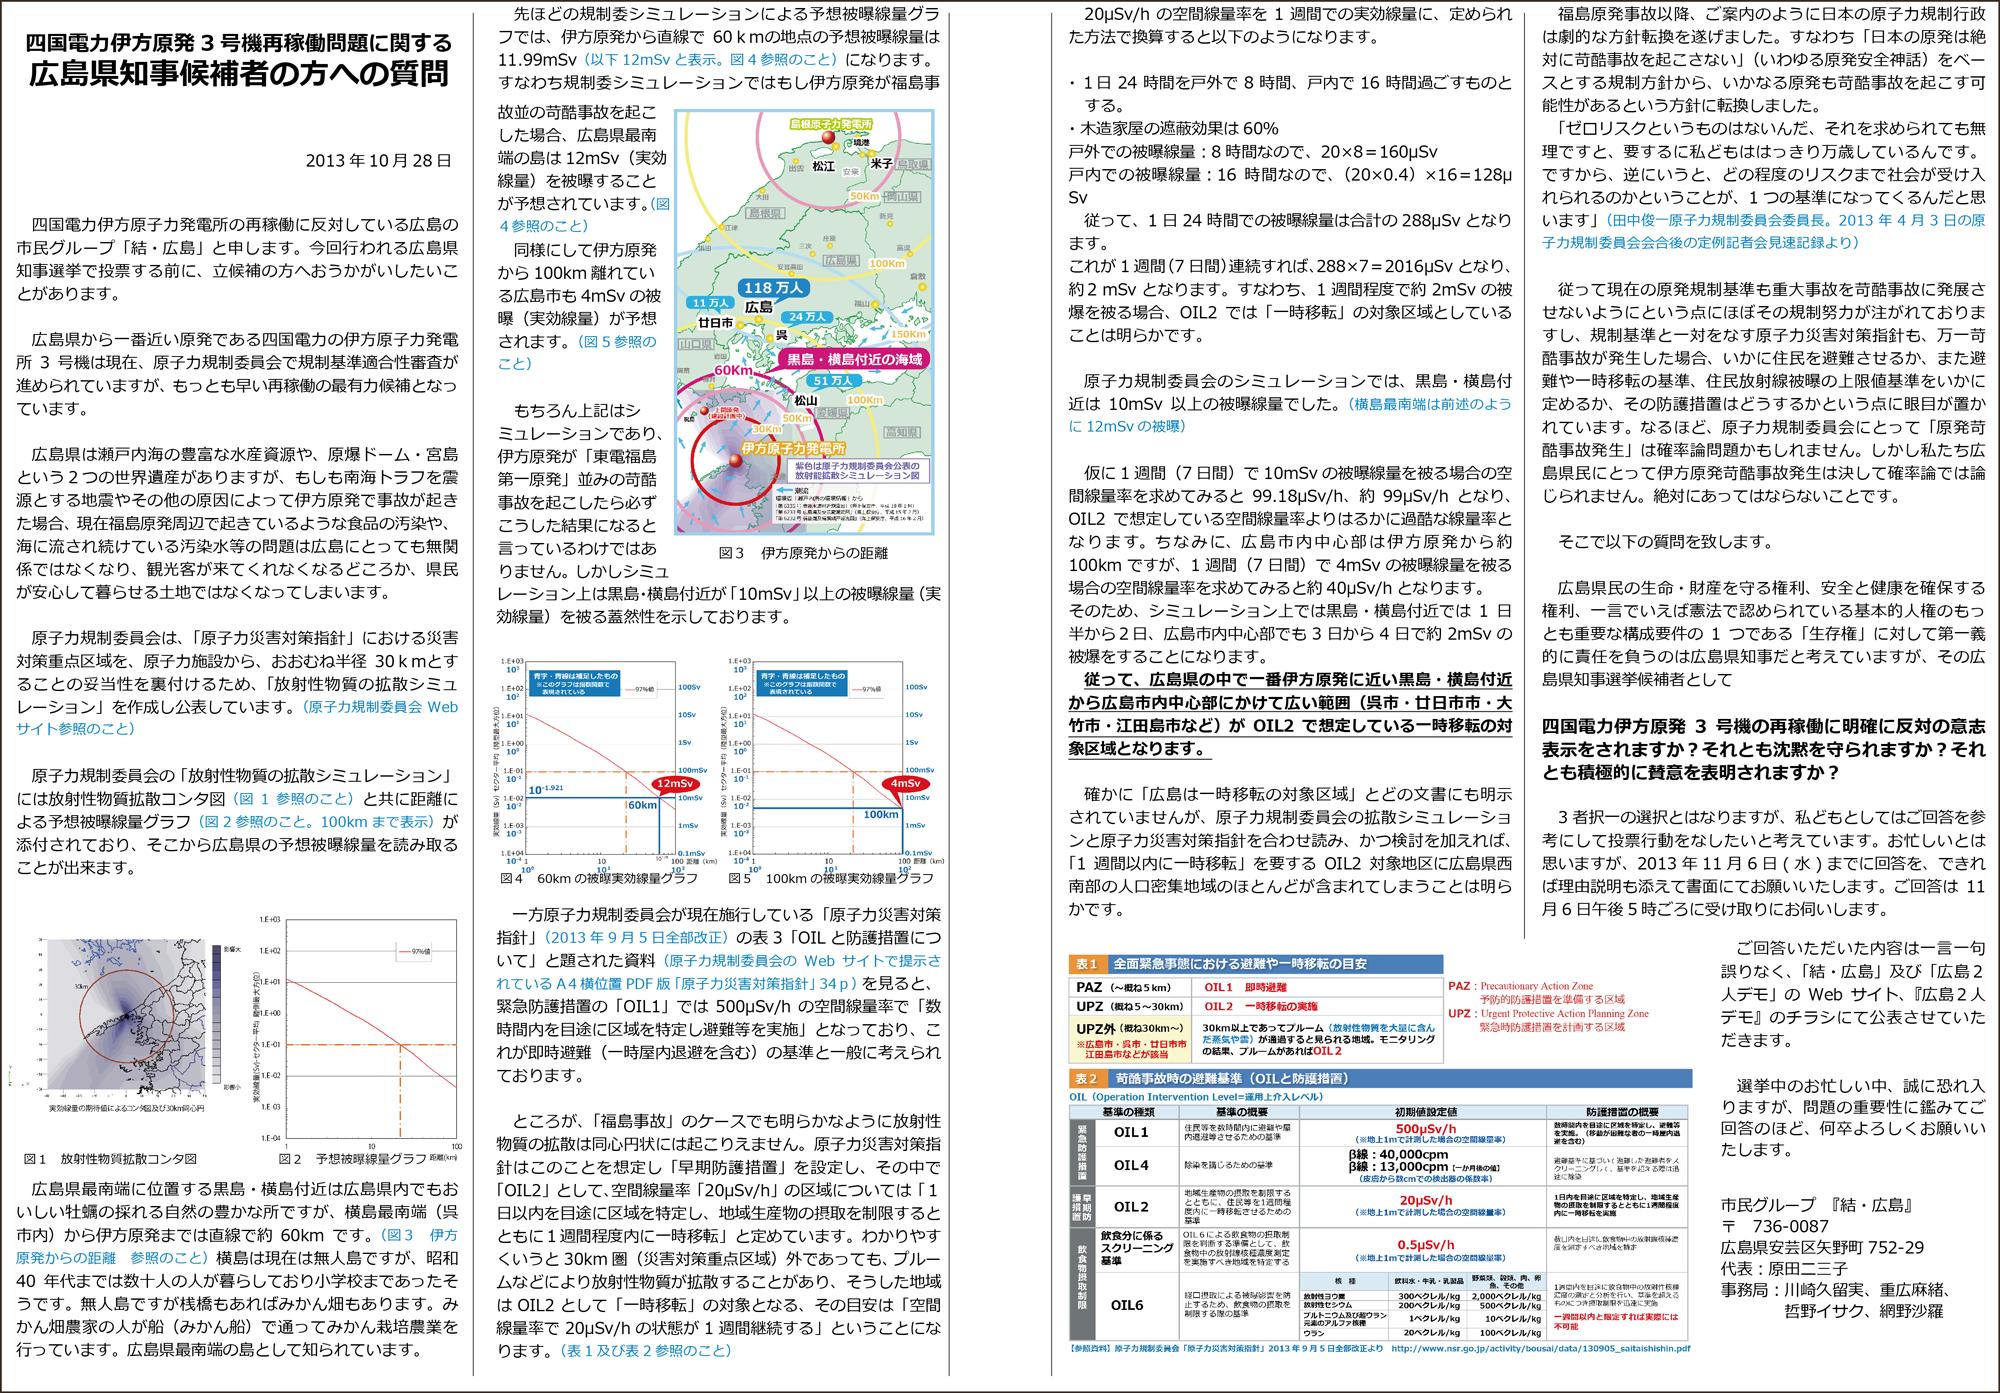 ファイル 216-4.jpg